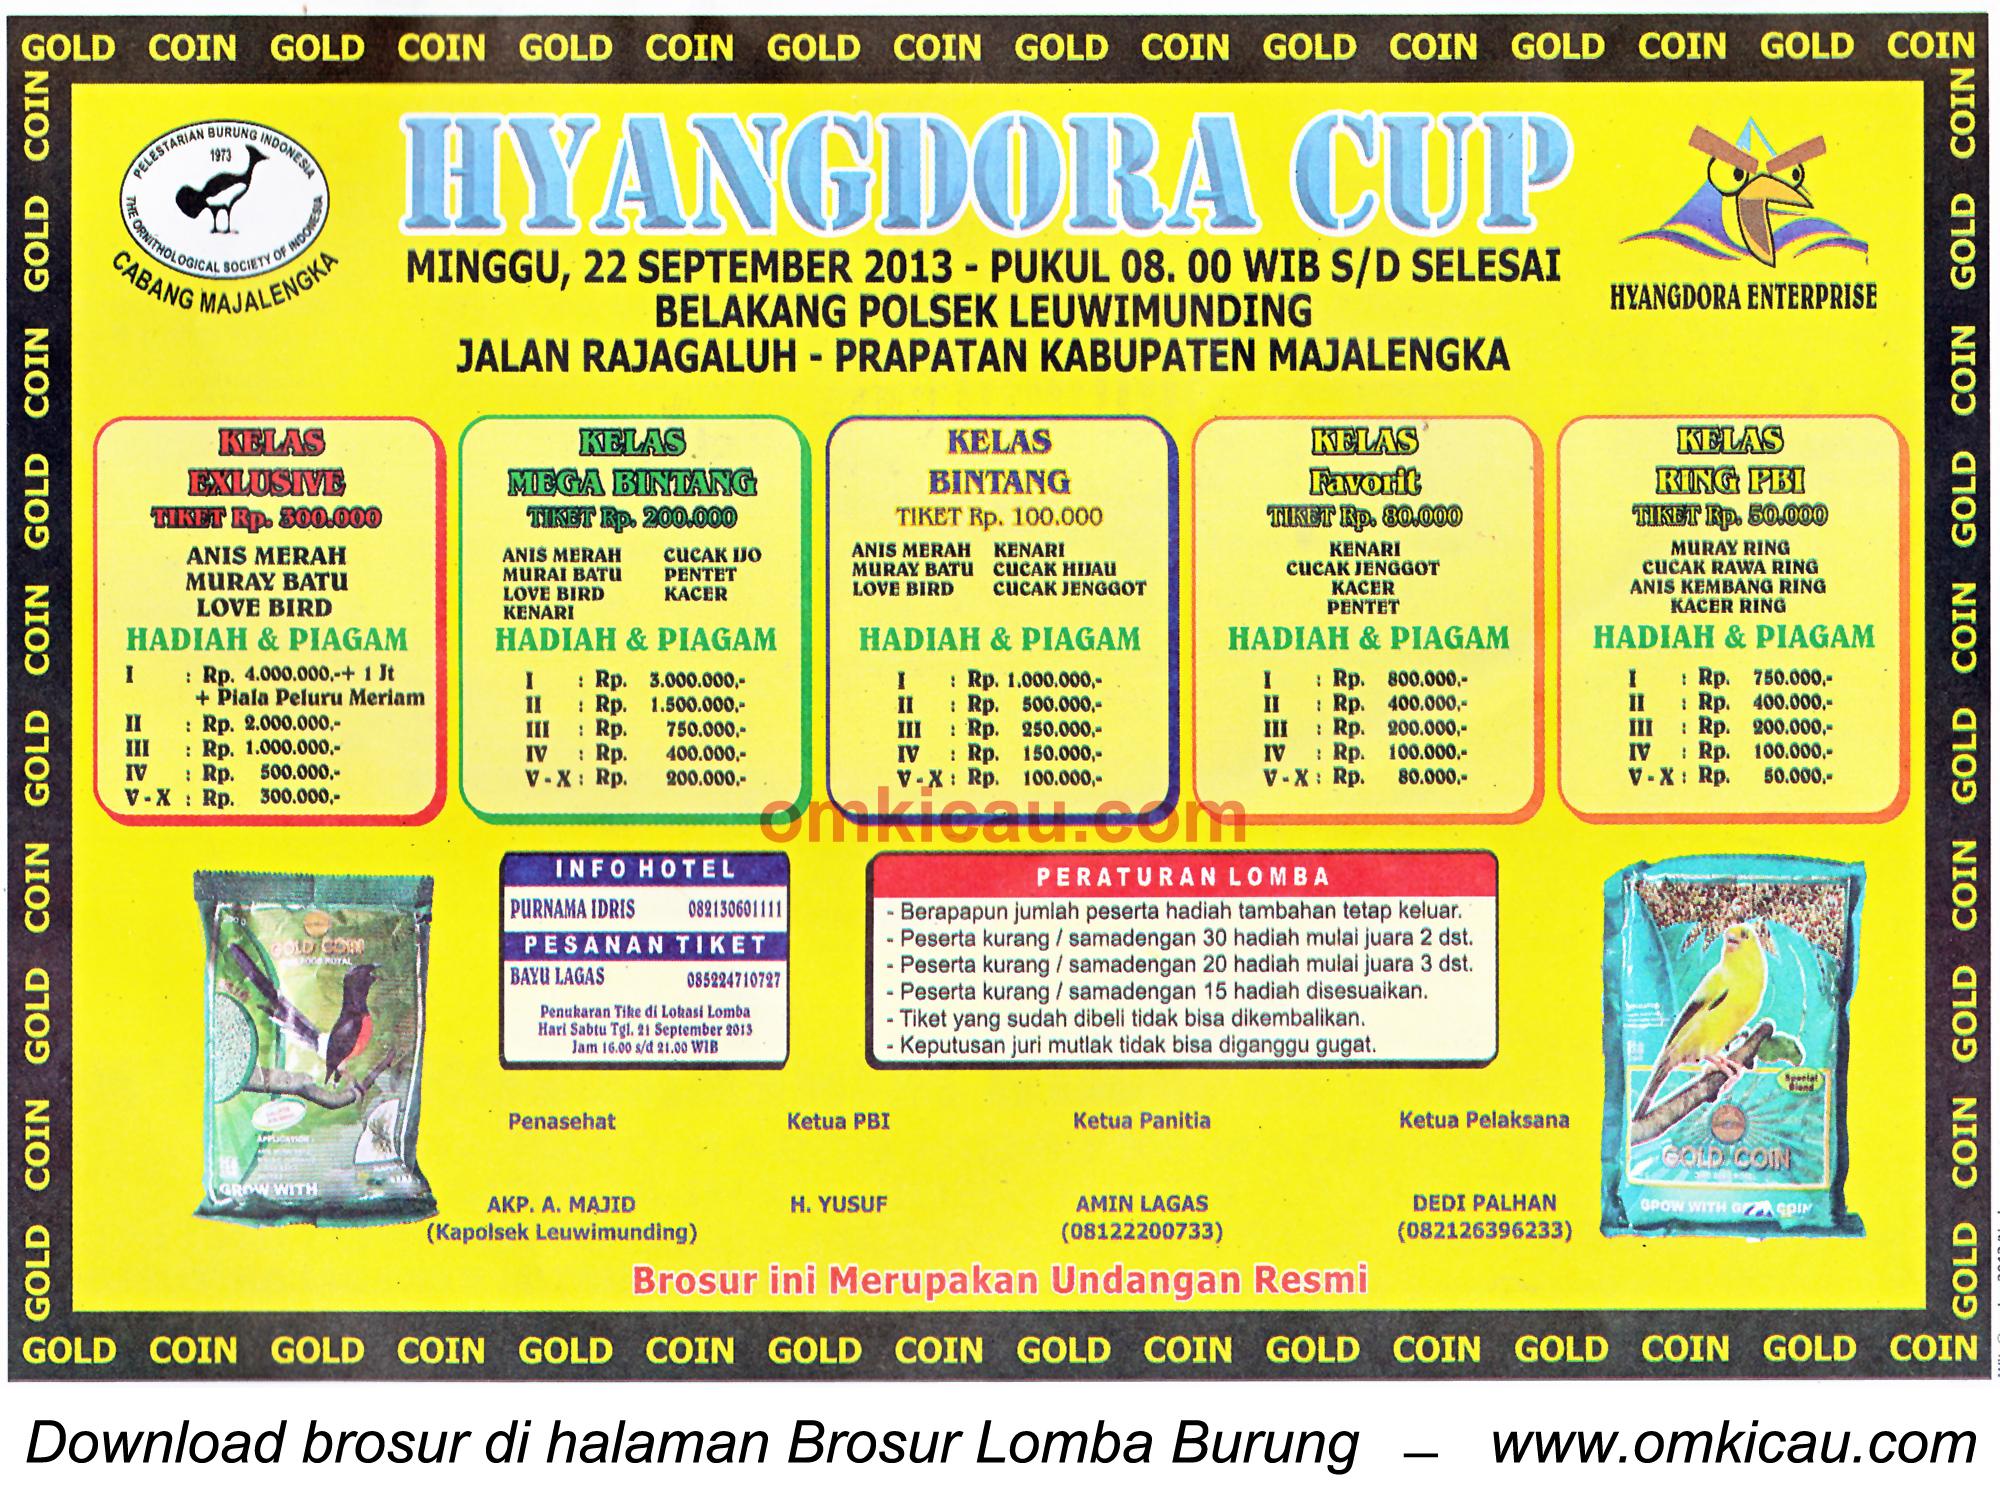 Brosur Lomba Burung Hyangdora Cup Majalengka 22 Sept 2013